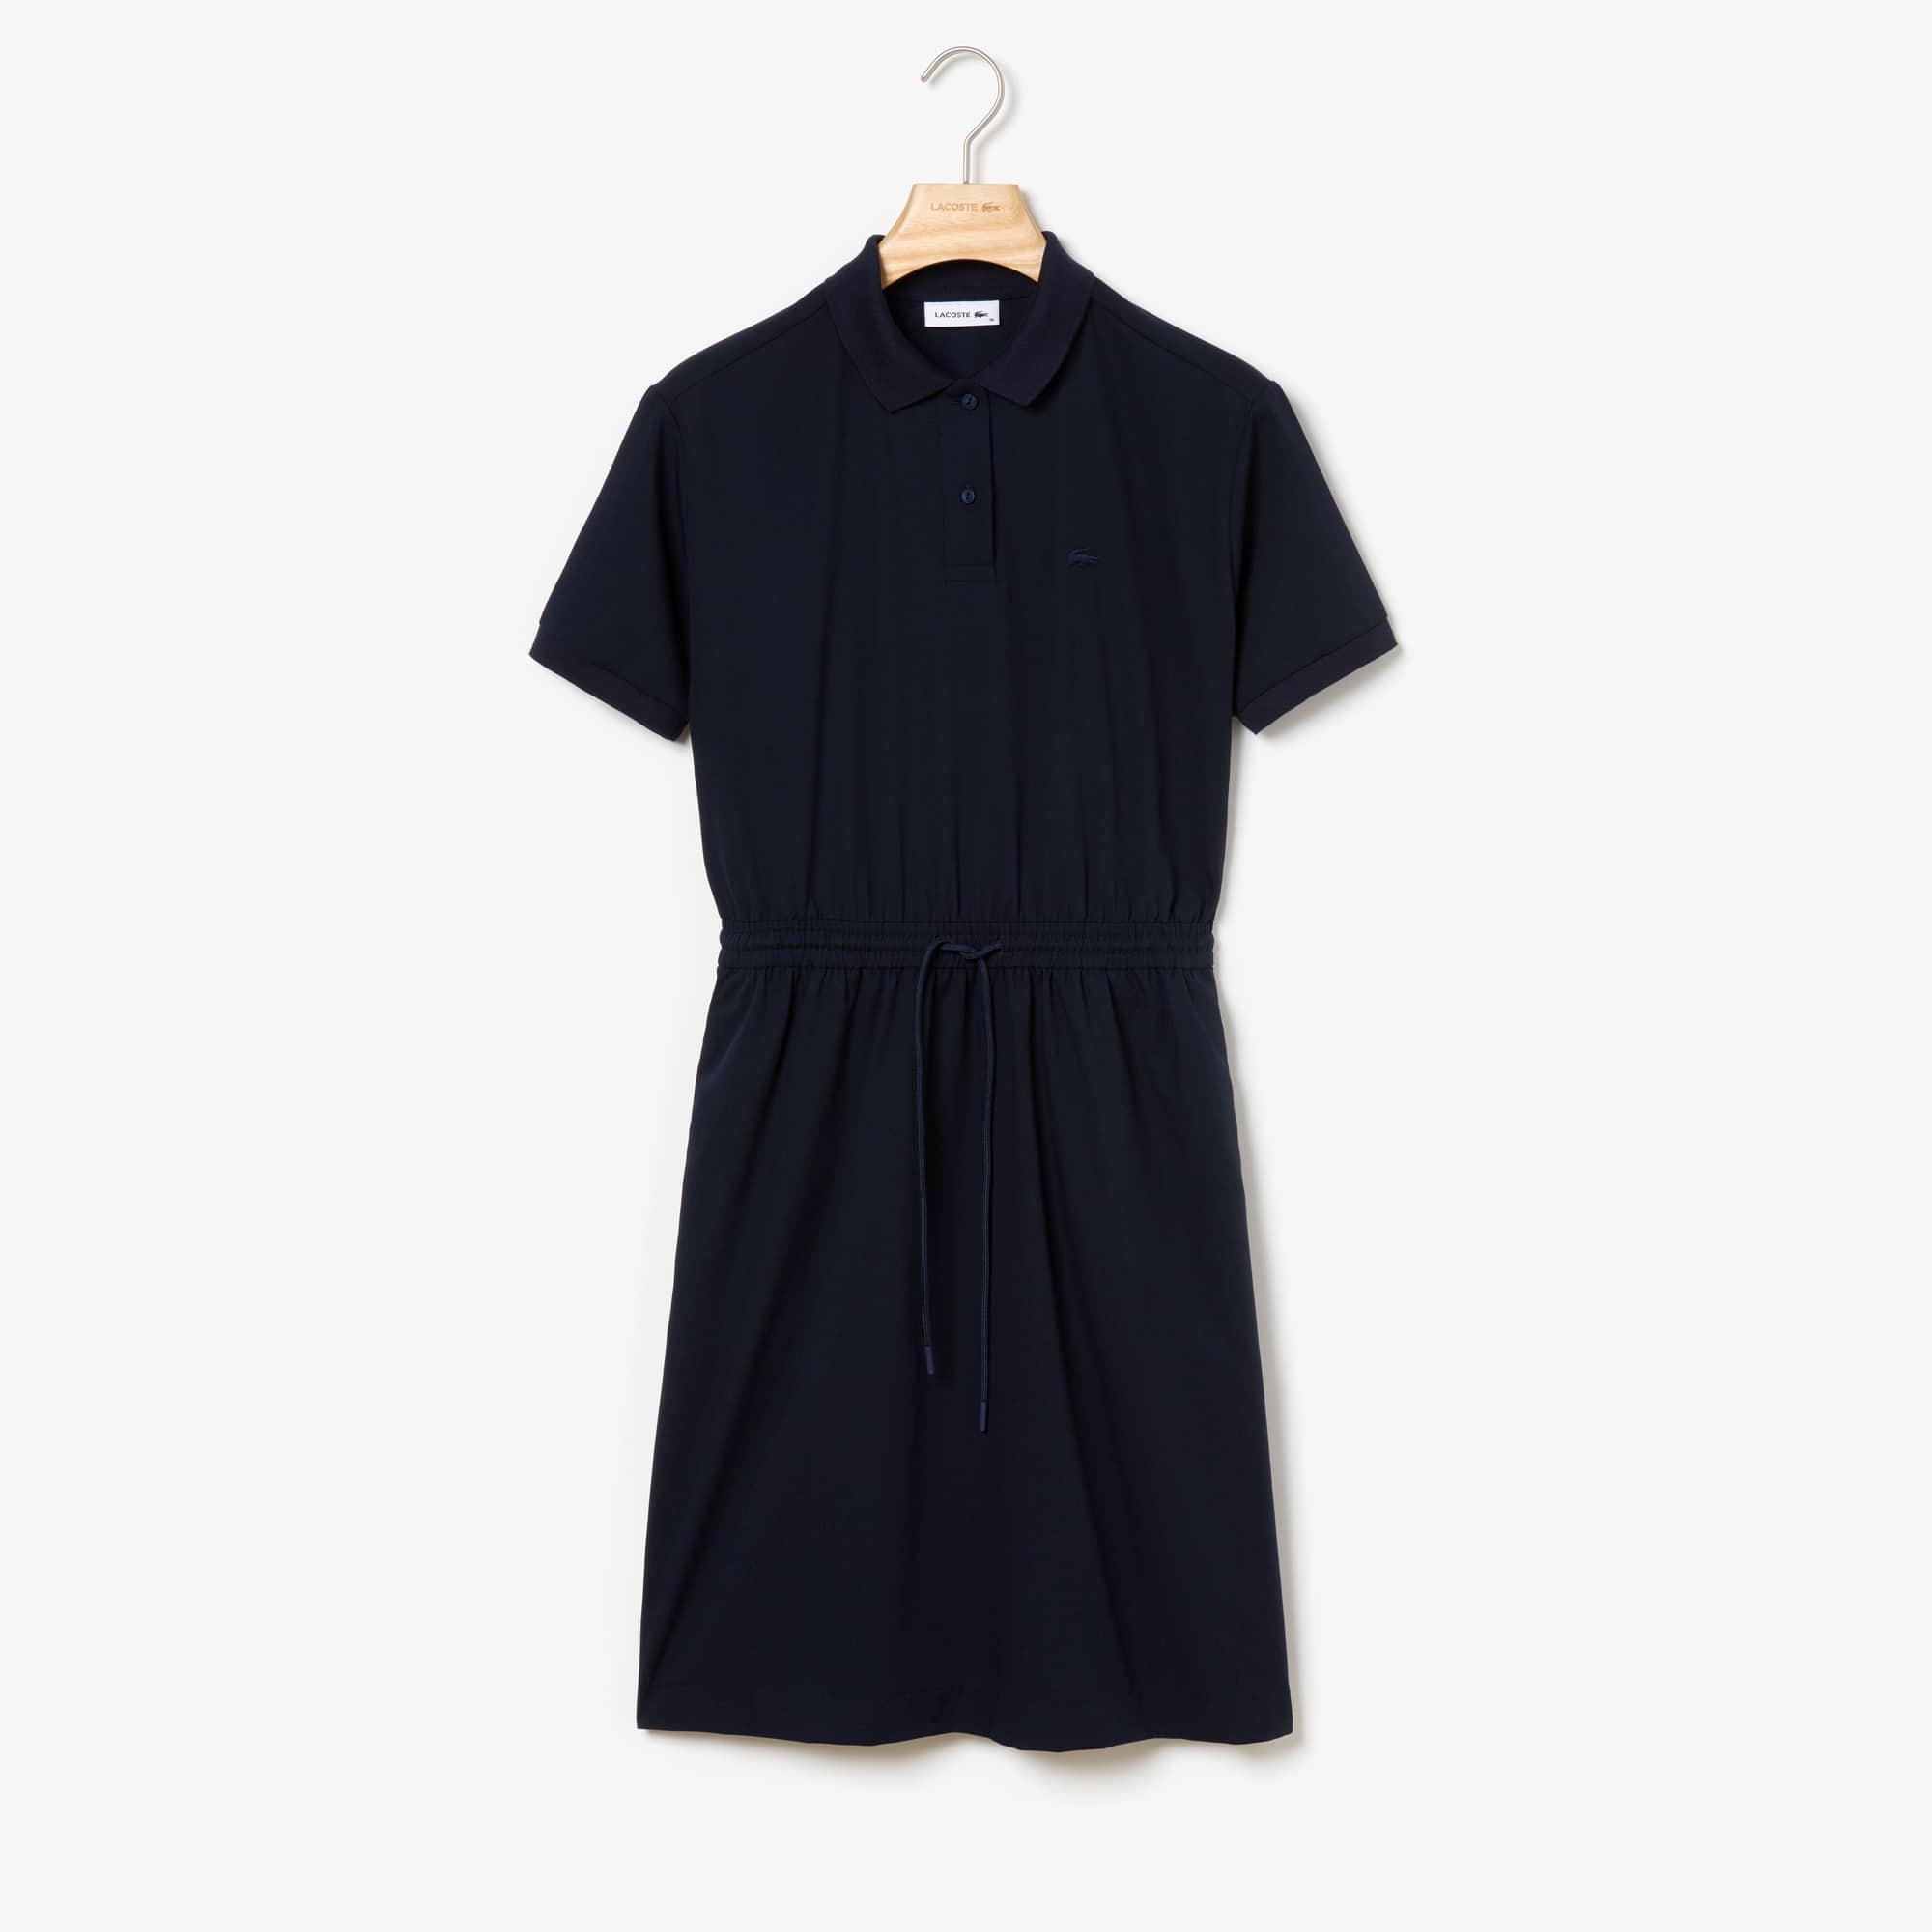 라코스테 플로잉 개버딘 폴로 원피스 Lacoste Womens Flowing Gabardine Polo Dress,Navy Blue